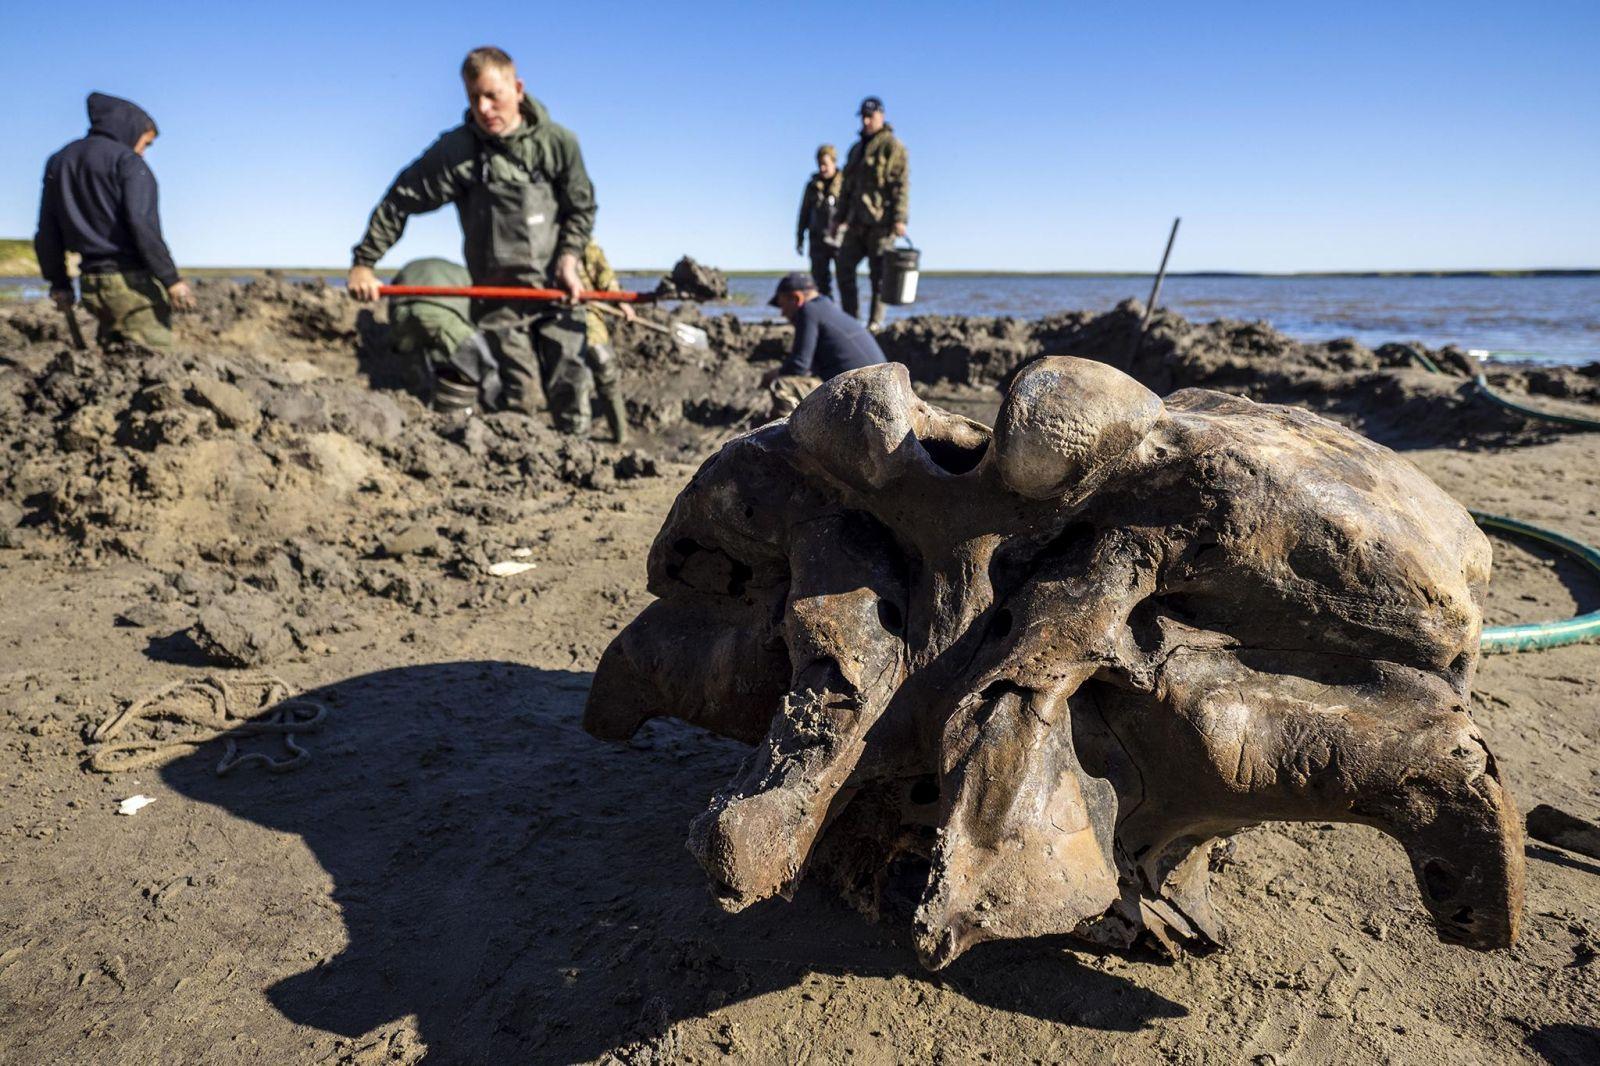 Назвали в честь охотника: в озере на Ямале нашли трехметрового мамонта